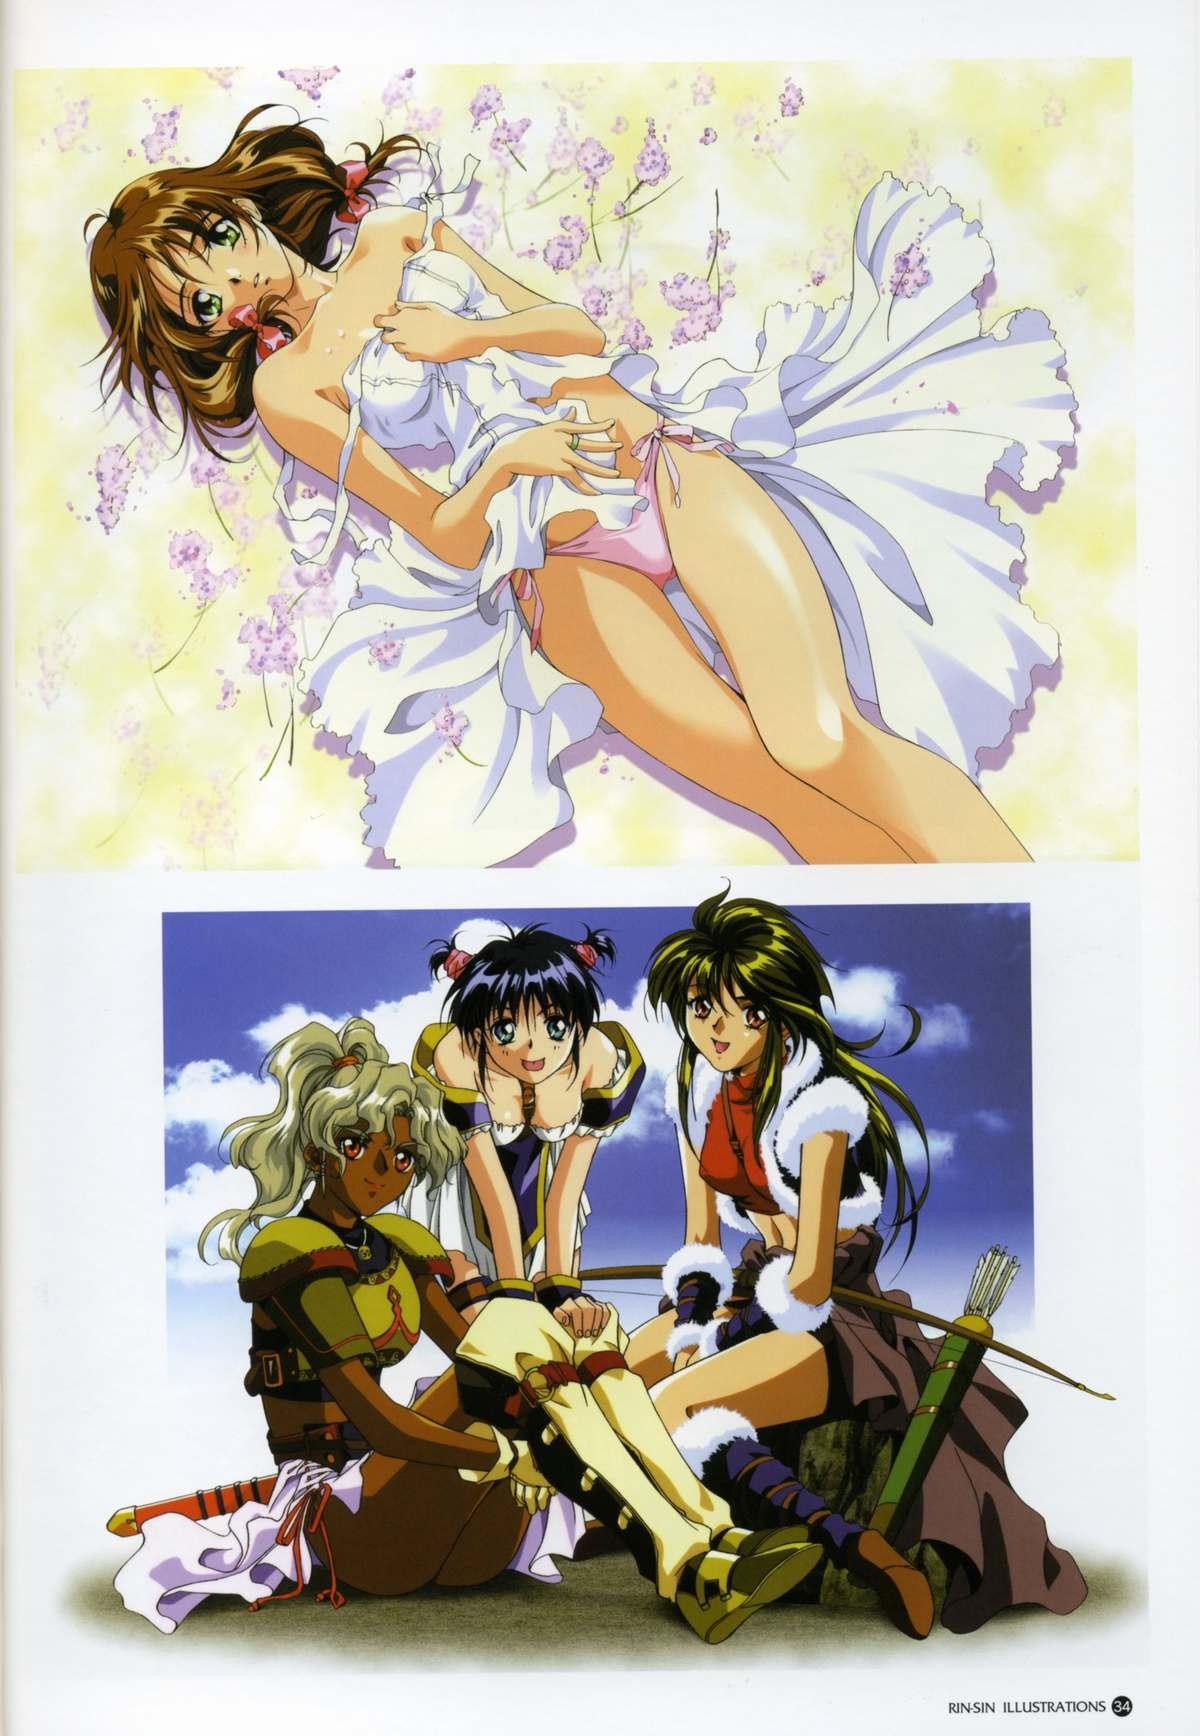 Rin Sin ILLUSTRATIONS 31